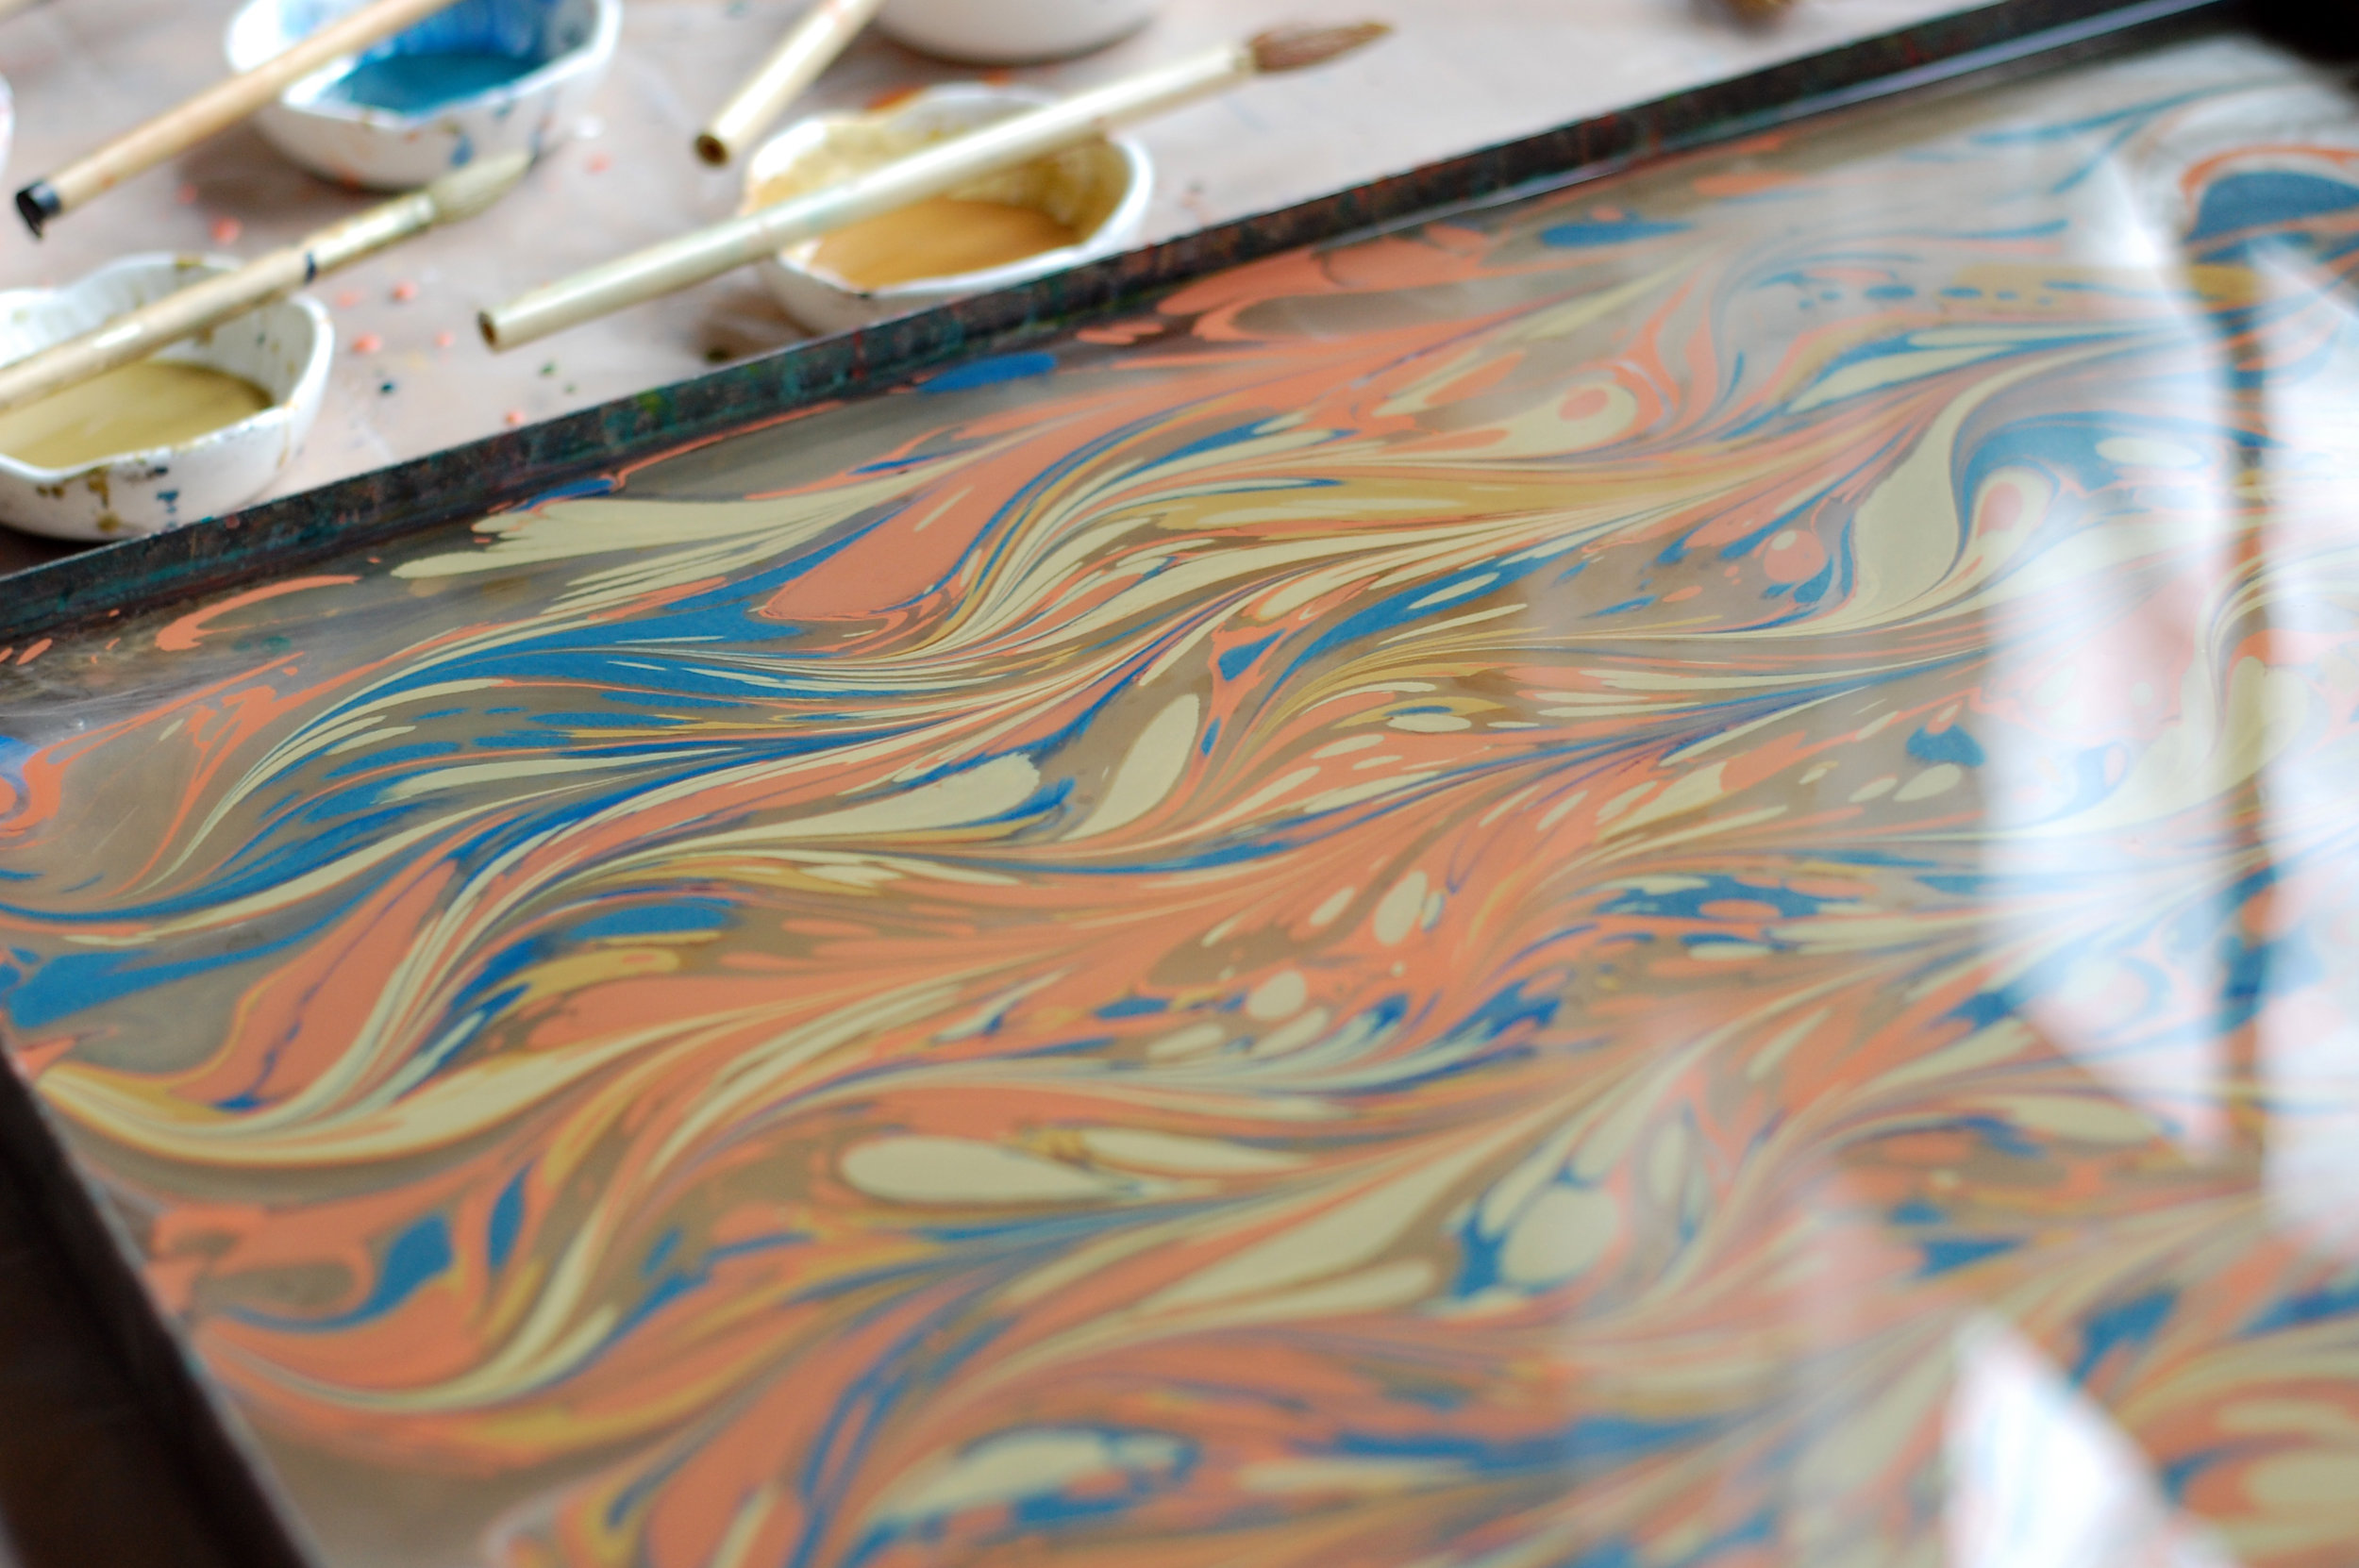 watercolor marbling